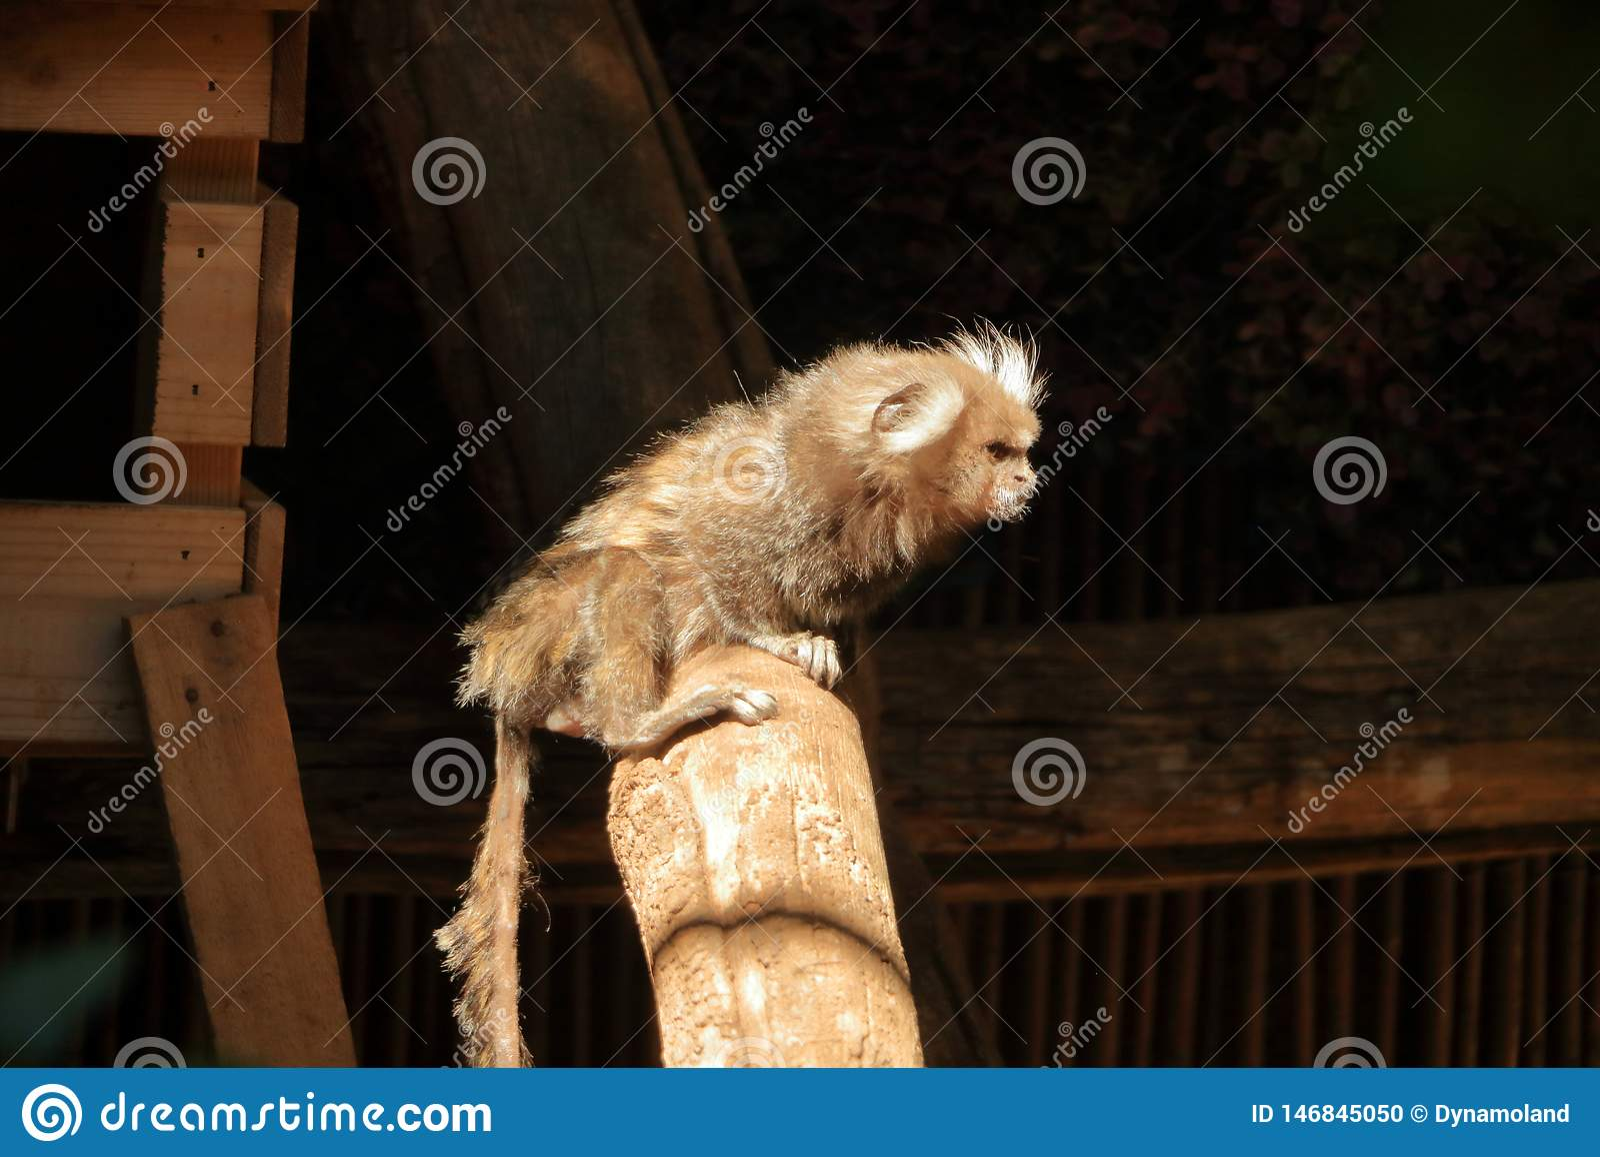 Небольшая обезьяна популярно известная как Бело-замкнутый Стреец, jacchus Callithrix